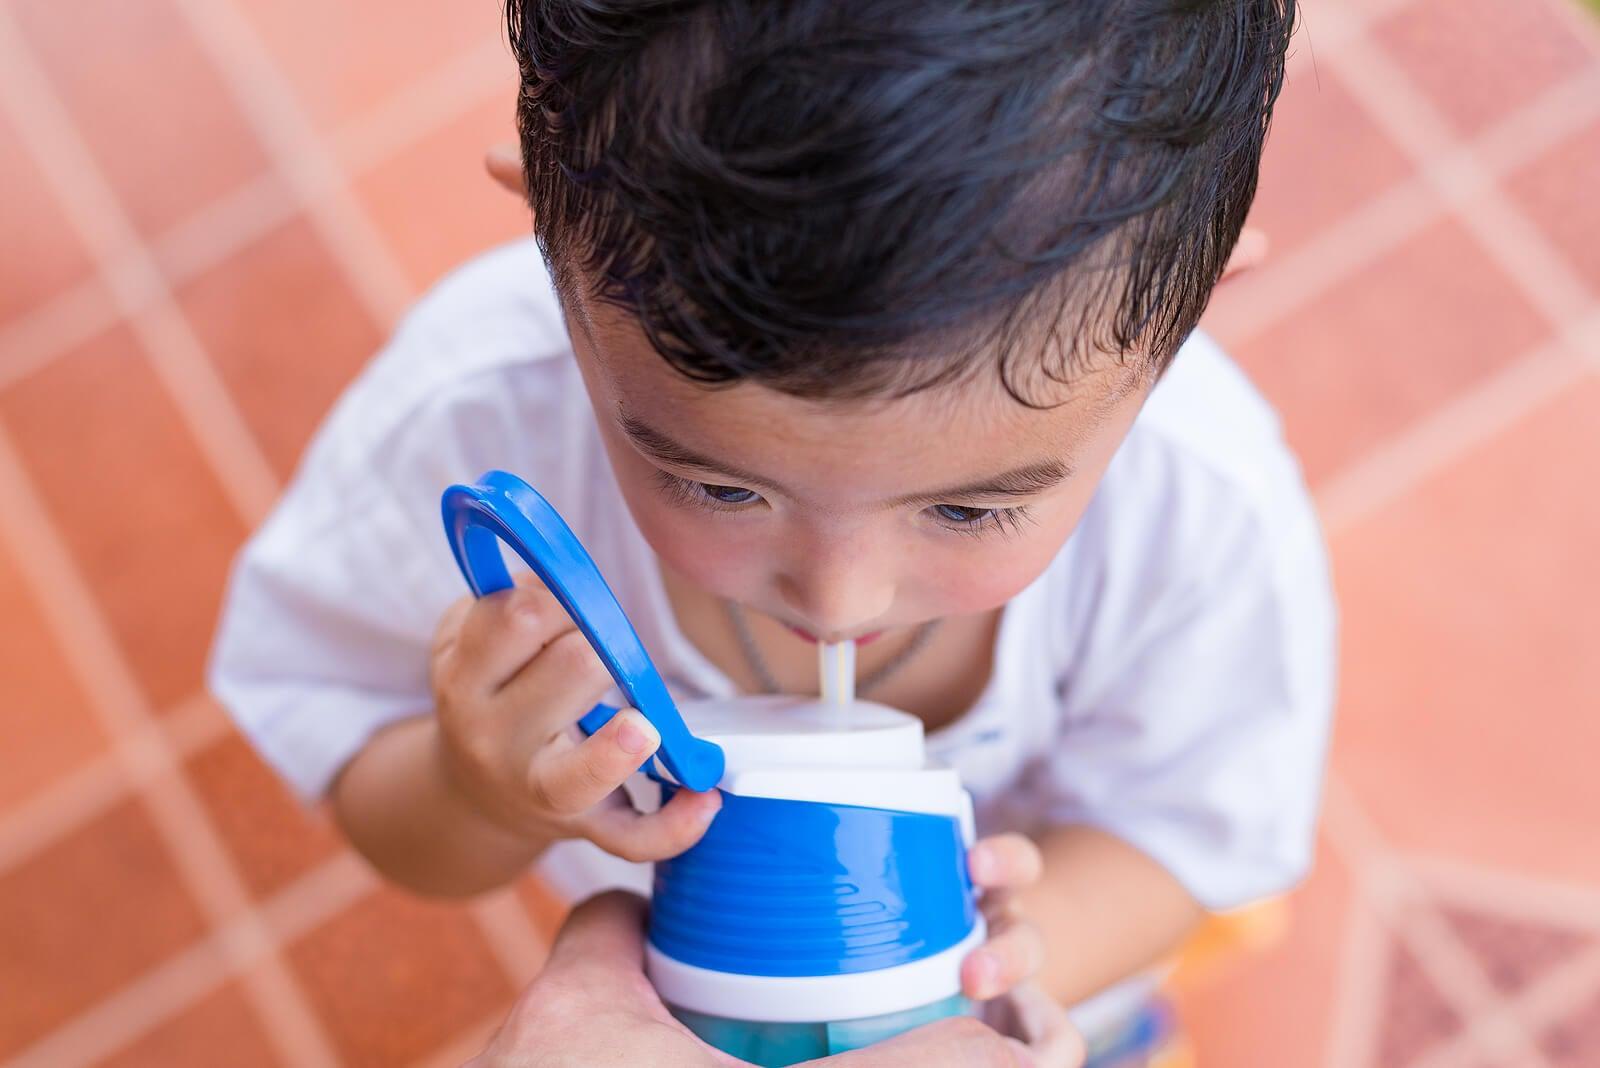 Niño bebiendo agua porque está sudando.